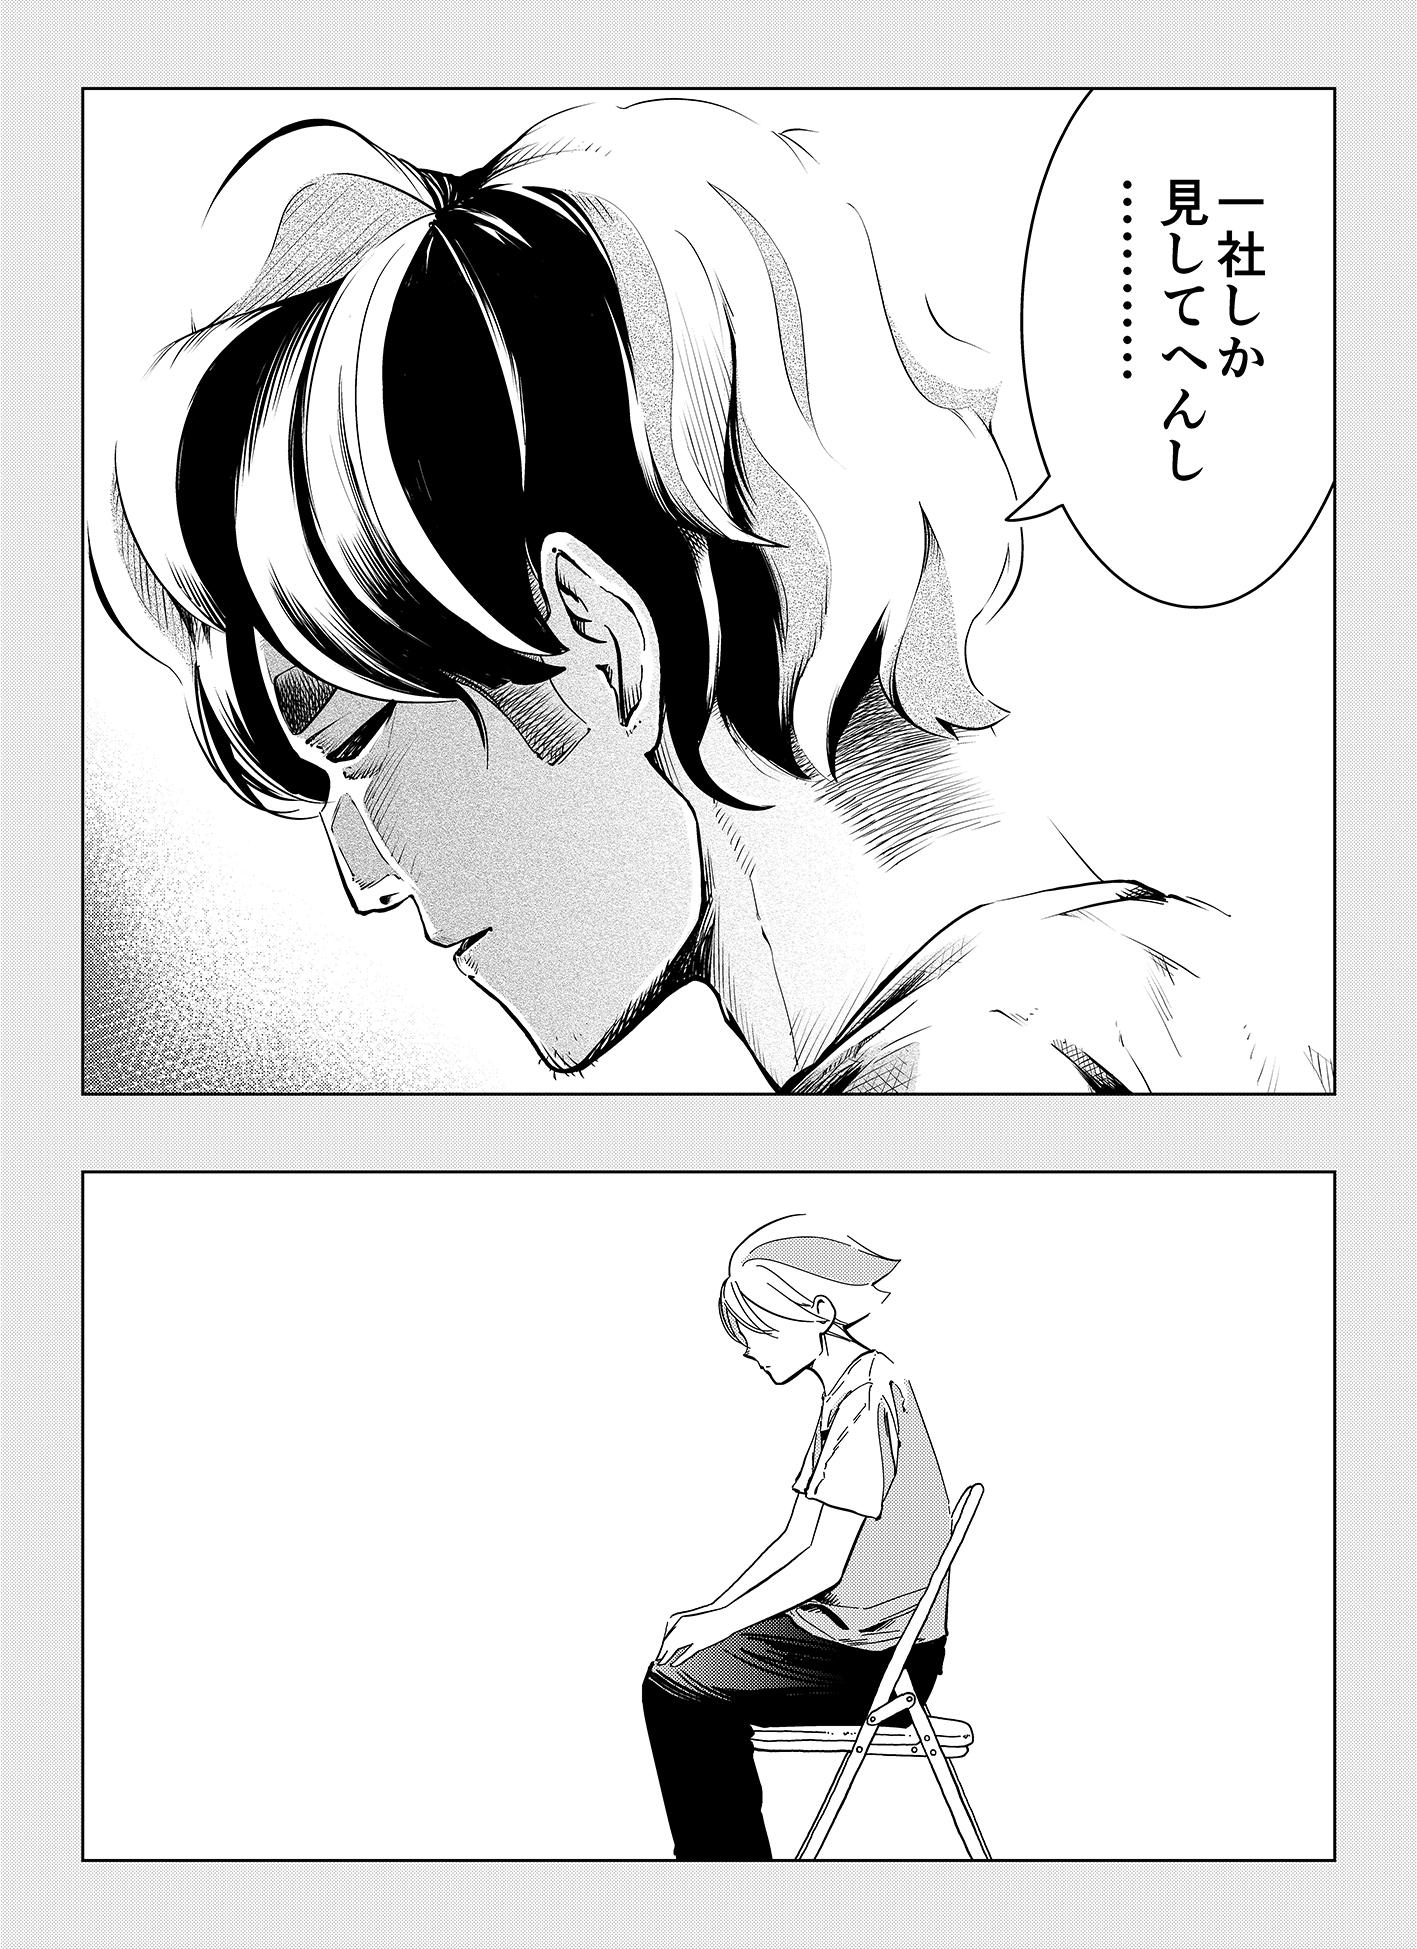 share14_08